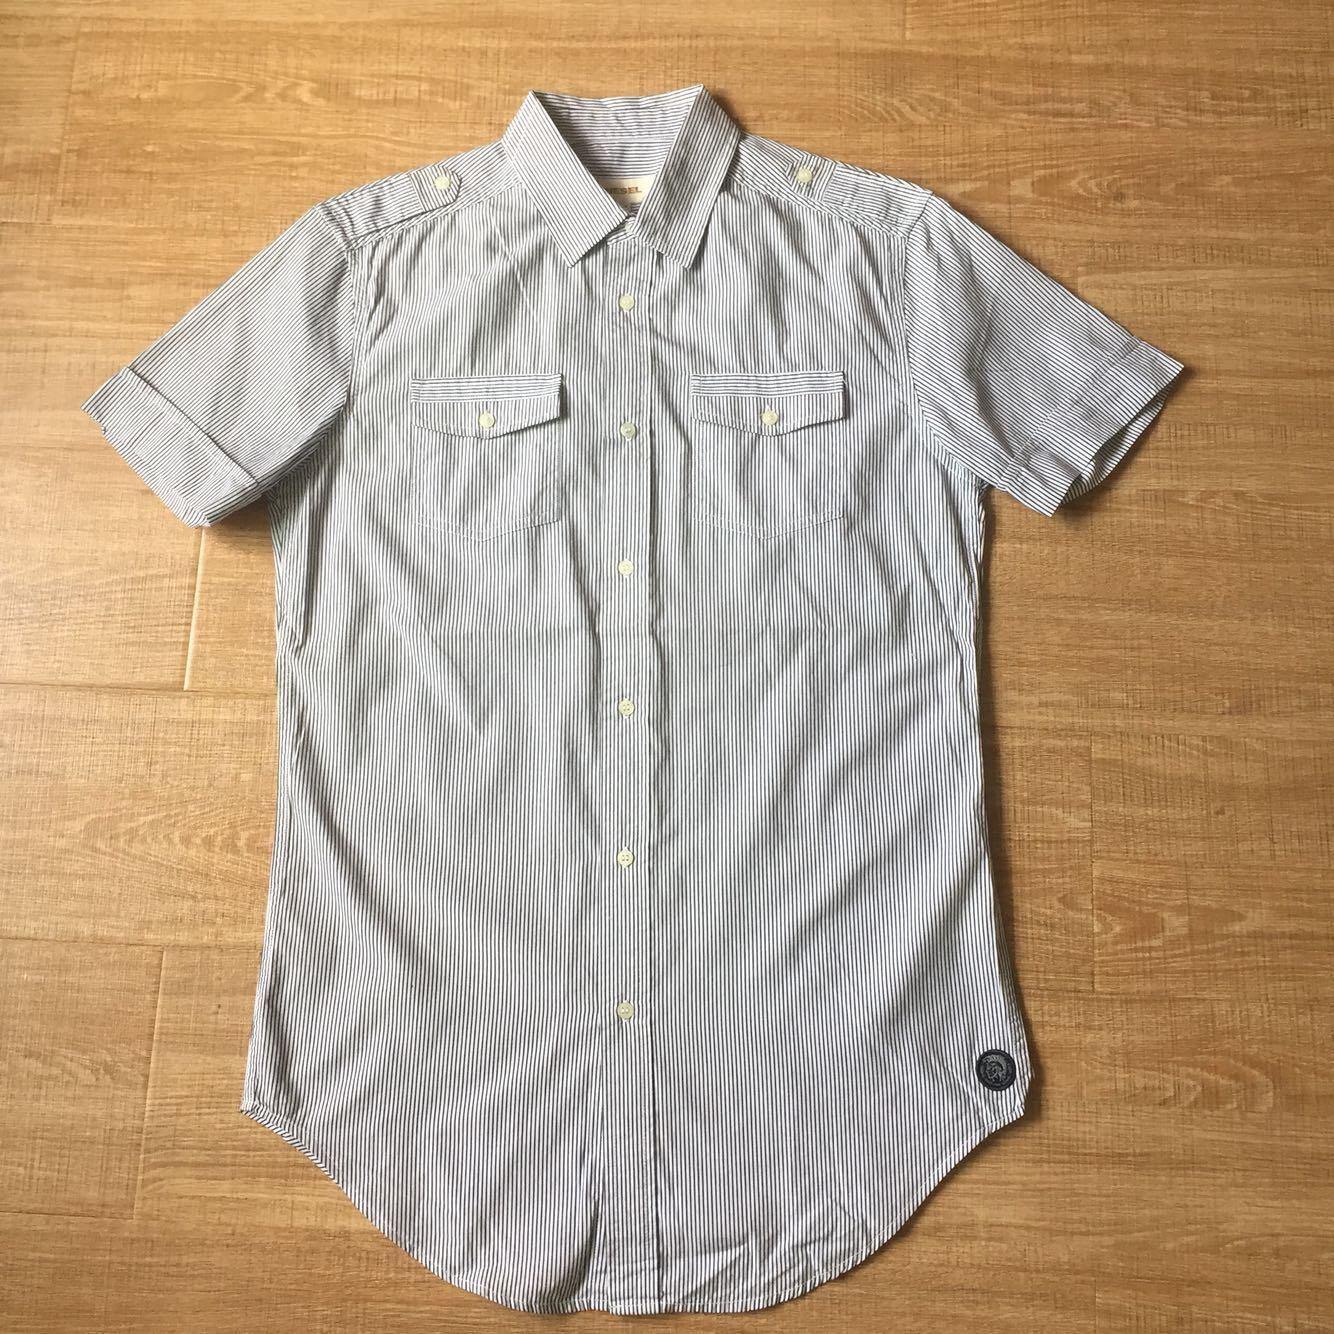 杂款 意式风情 男士纯棉双口袋肩章设计修身短袖衬衫